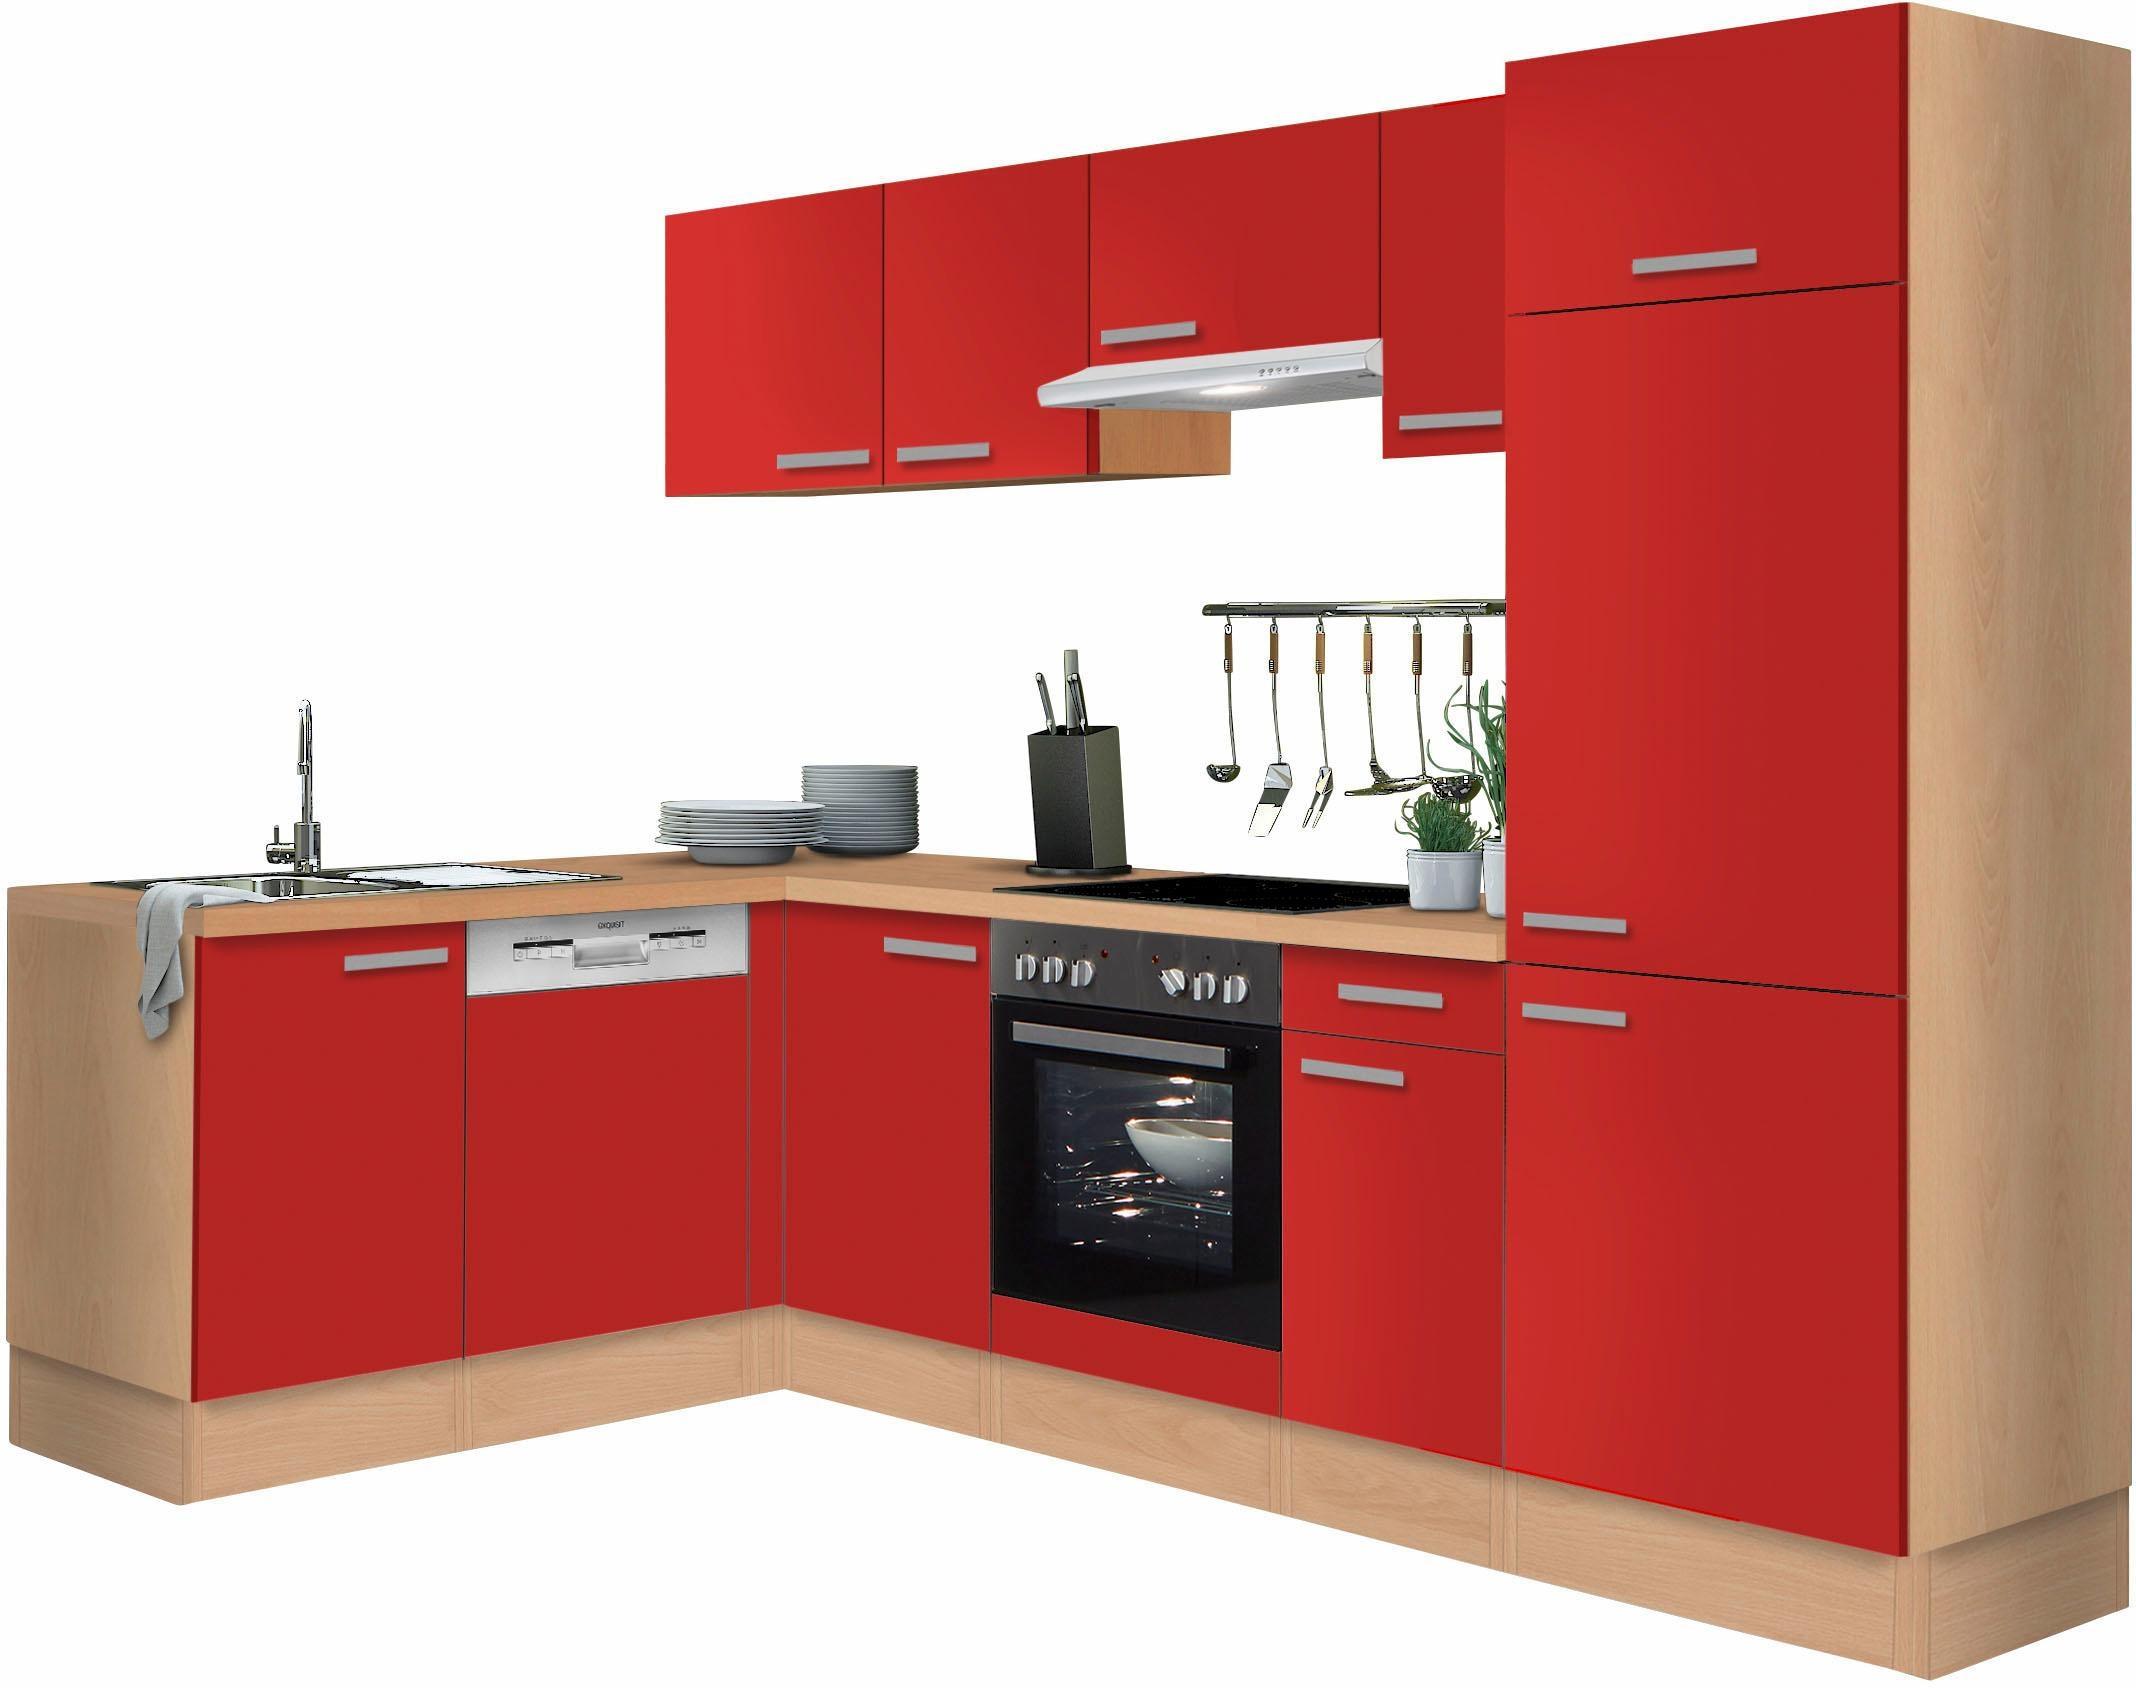 Optifit Winkelküche ohne E-Geräte »Odense«, Breite 275 x 175 cm   Küche und Esszimmer > Küchen > Winkelküchen   Rot   Nachbildung - Buche - Edelstahl - Melamin   OPTIFIT